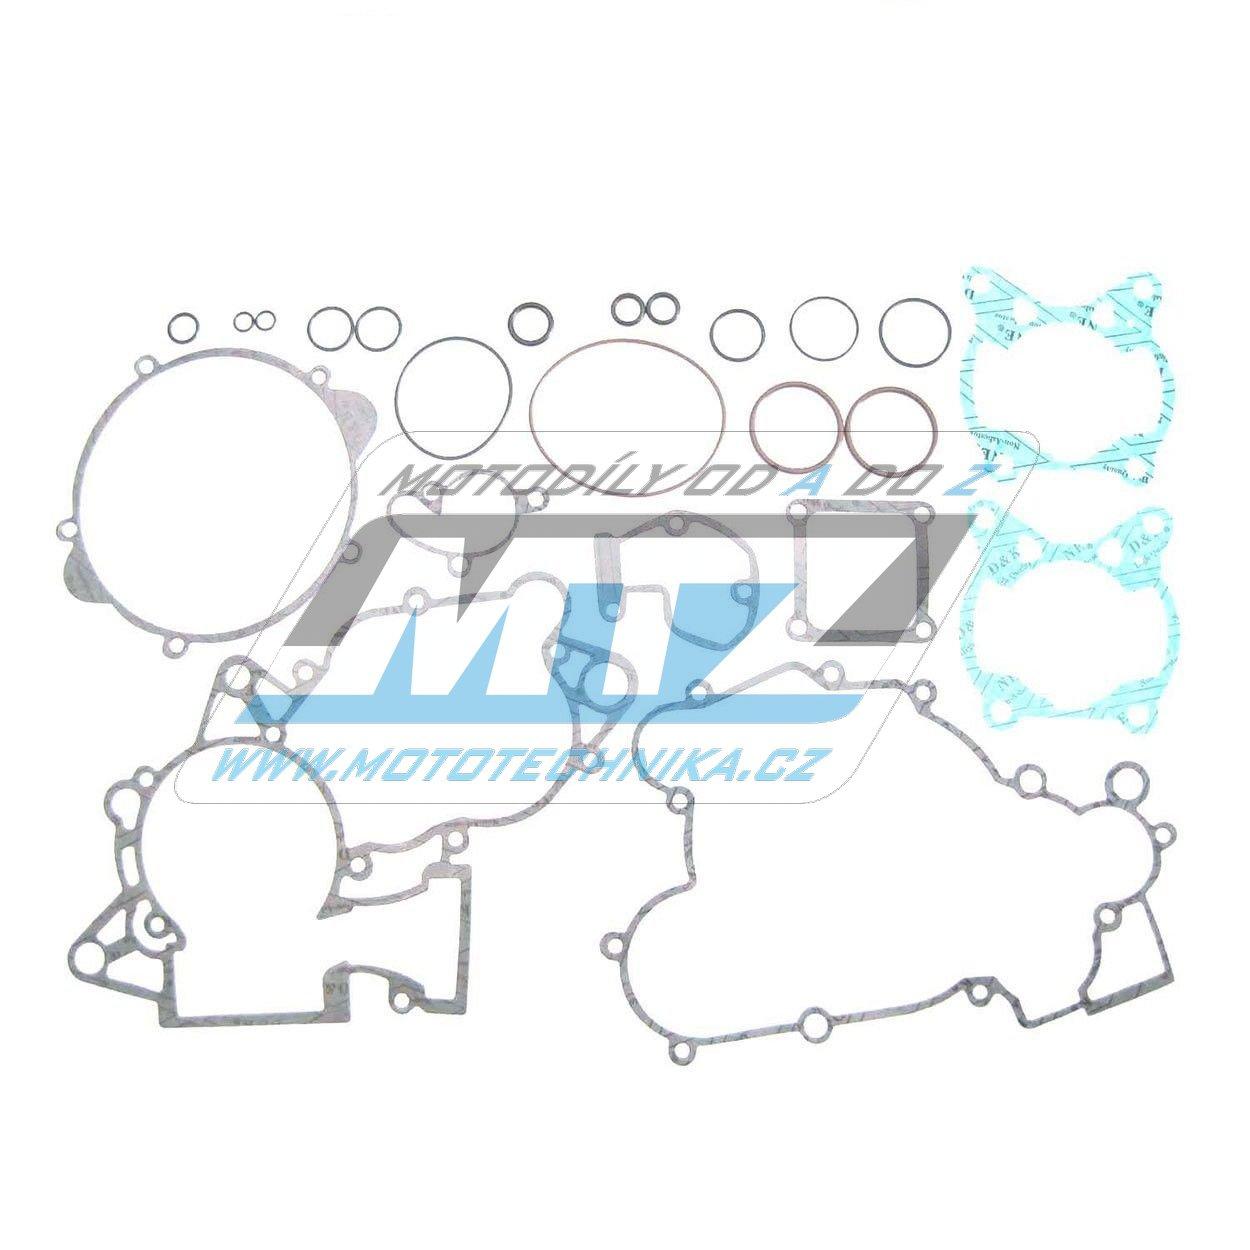 Těsnění kompletní motor KTM85 SX / 13-17 + Husqvarna TC85 / 14-17